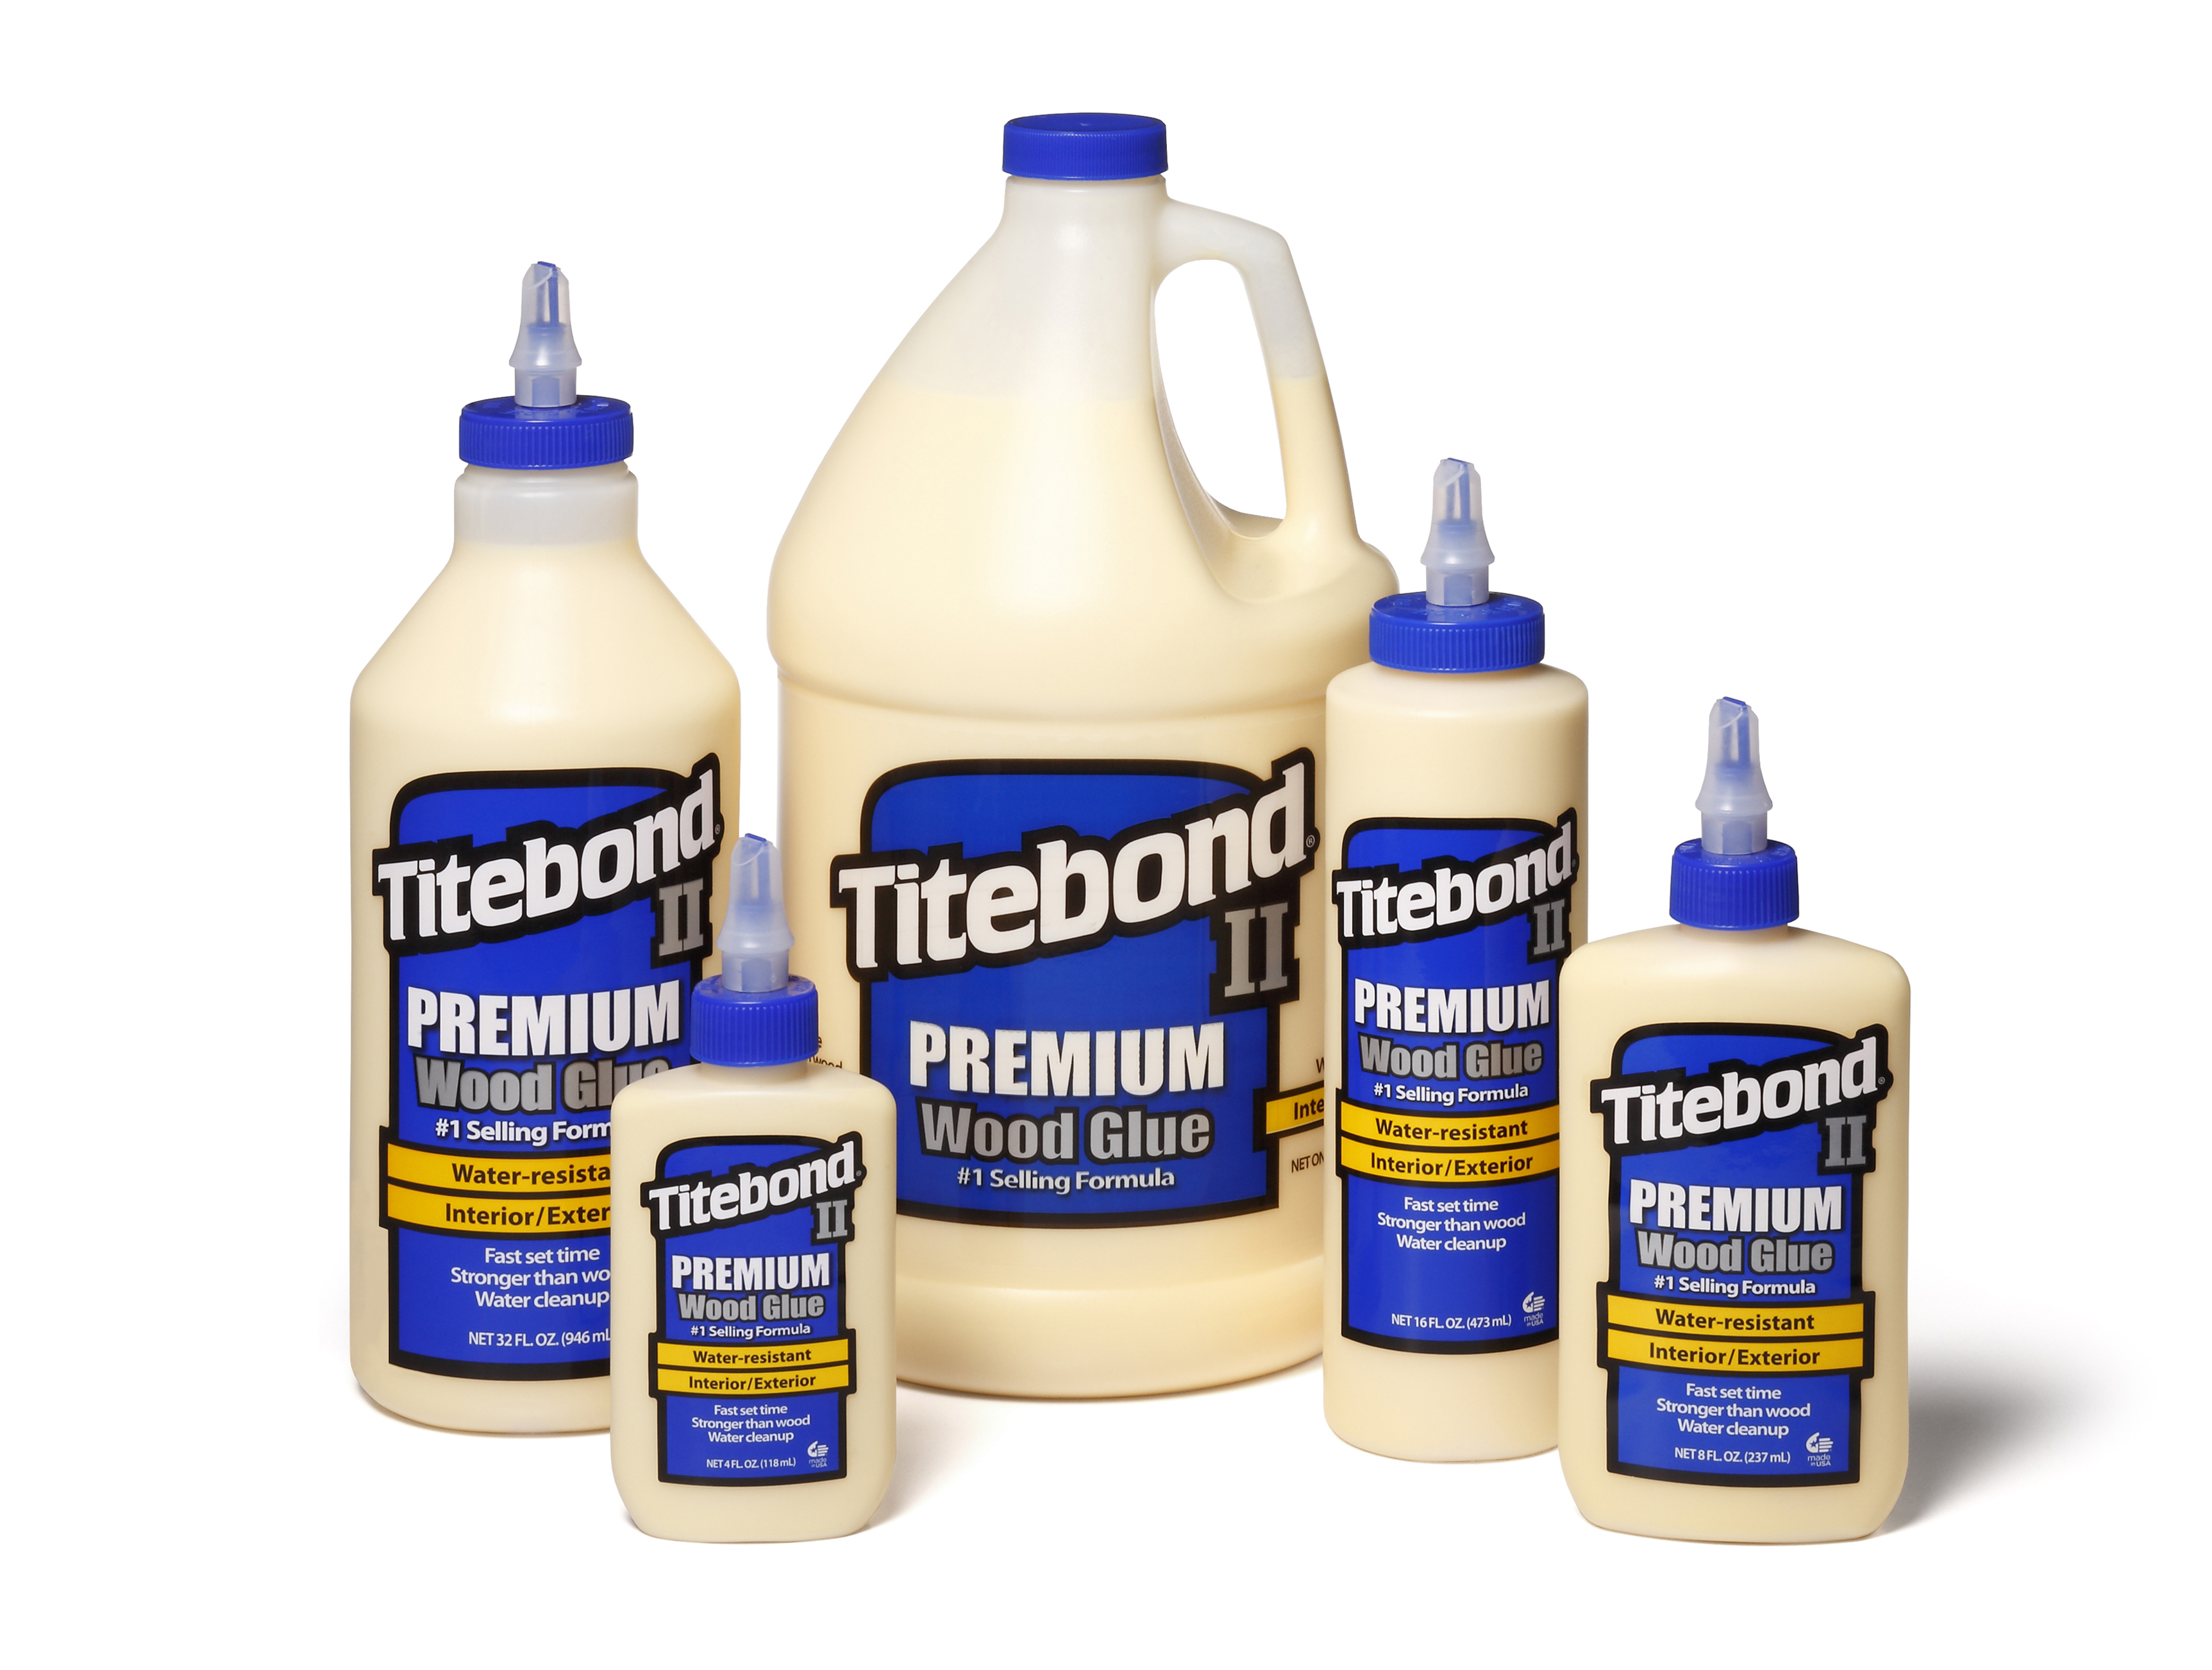 titebond ii premium wood glue